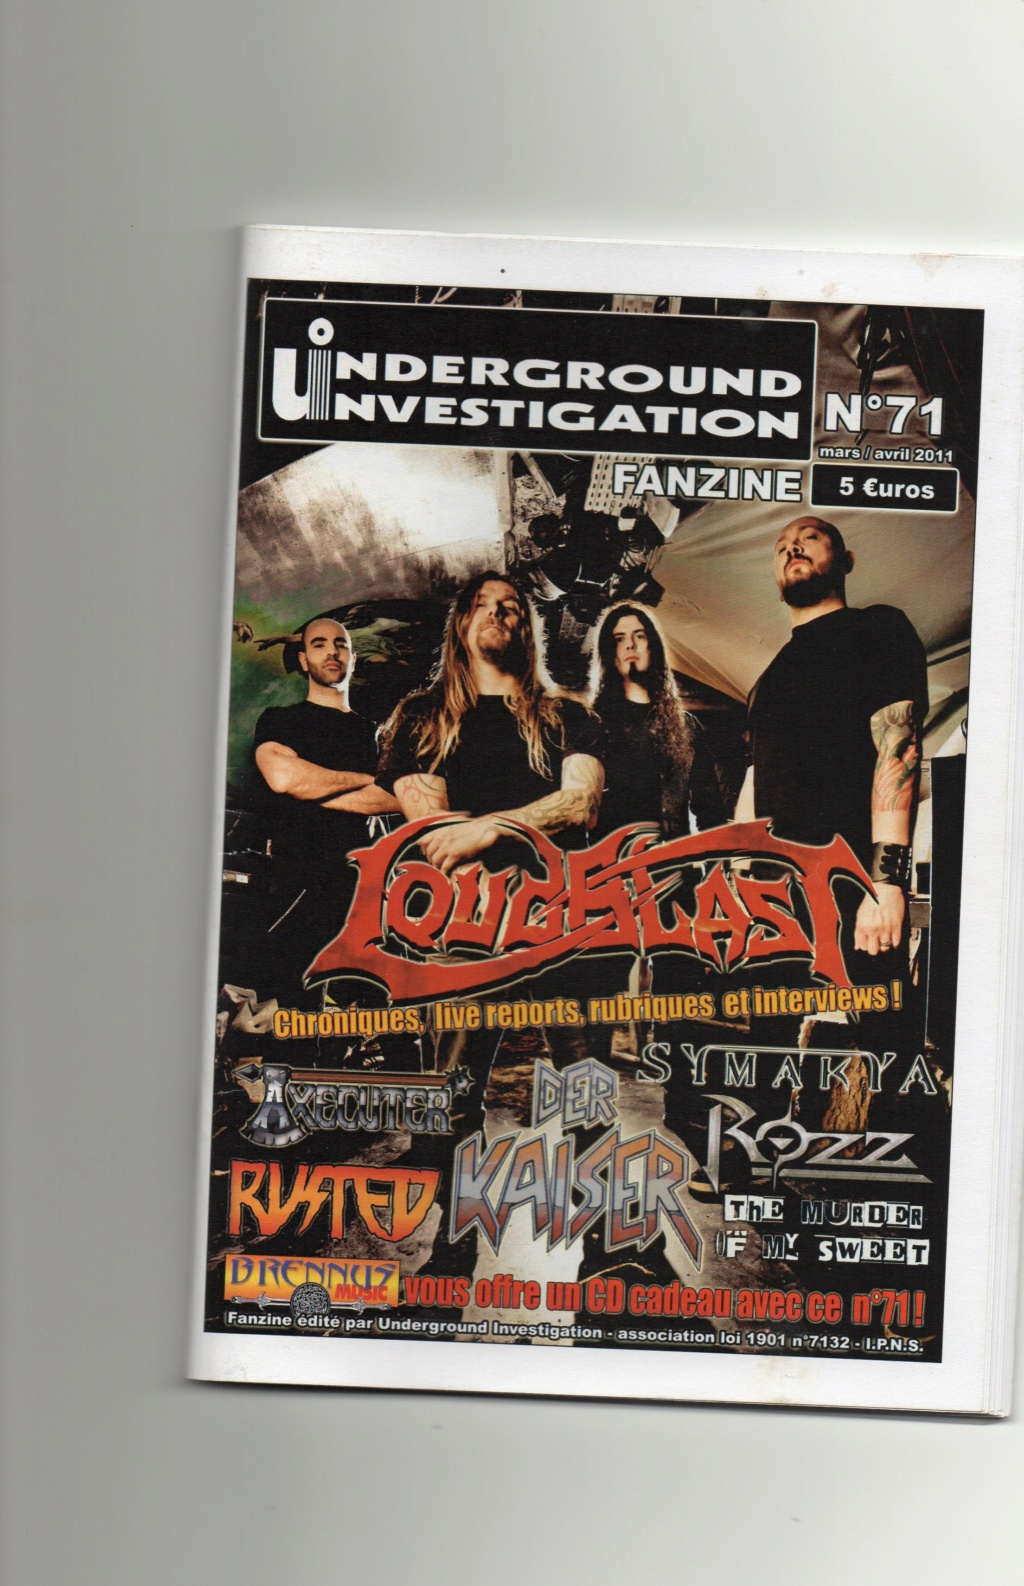 Archive ROZZ 2011 dans mag underground investigation n 71 Img24610